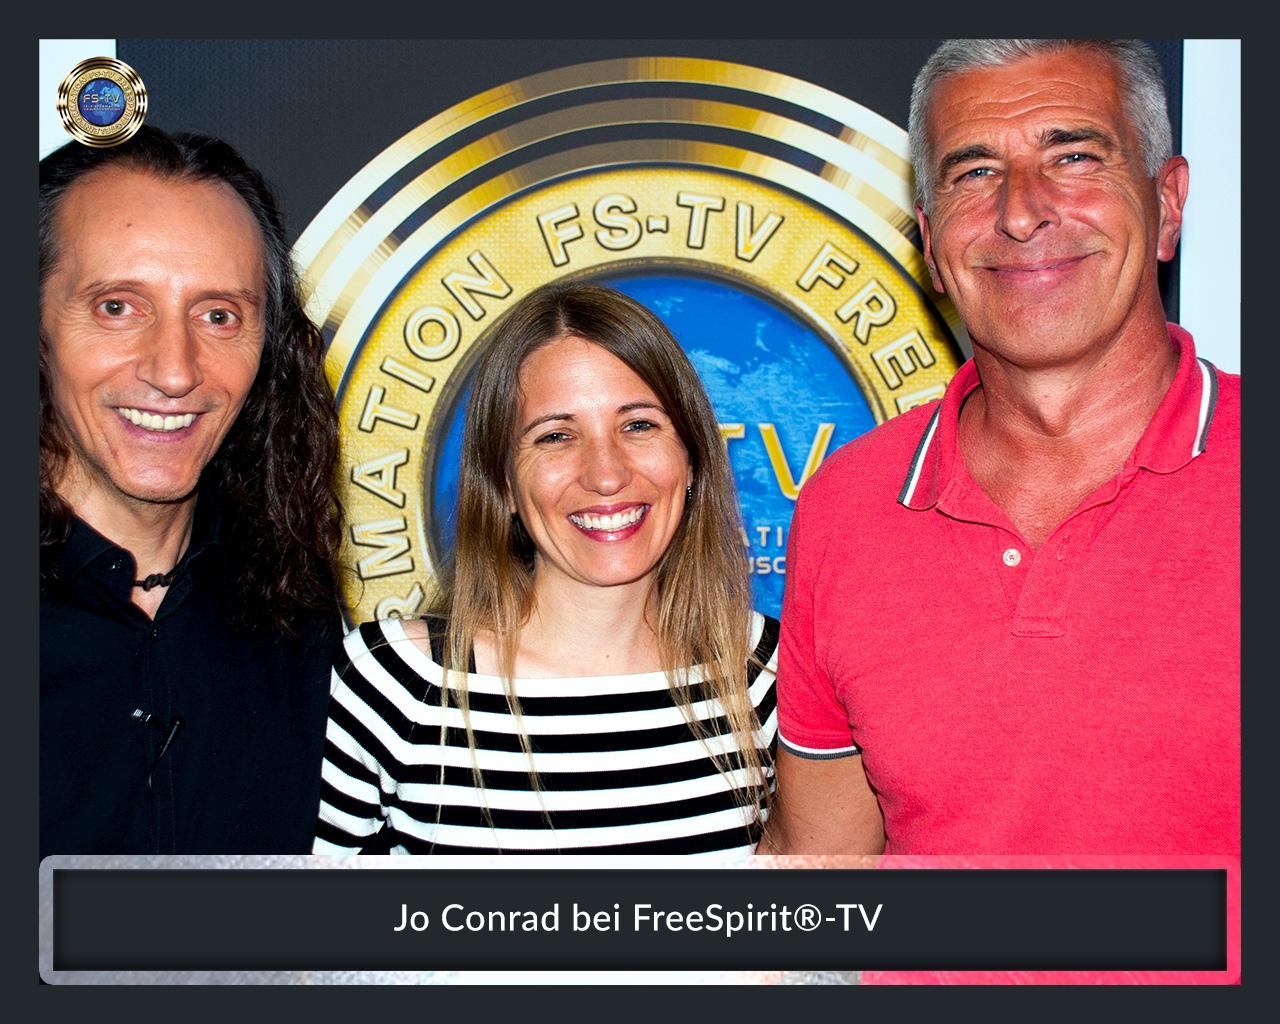 FS-TV-Bildergallerie-Jo-Conrad2.2